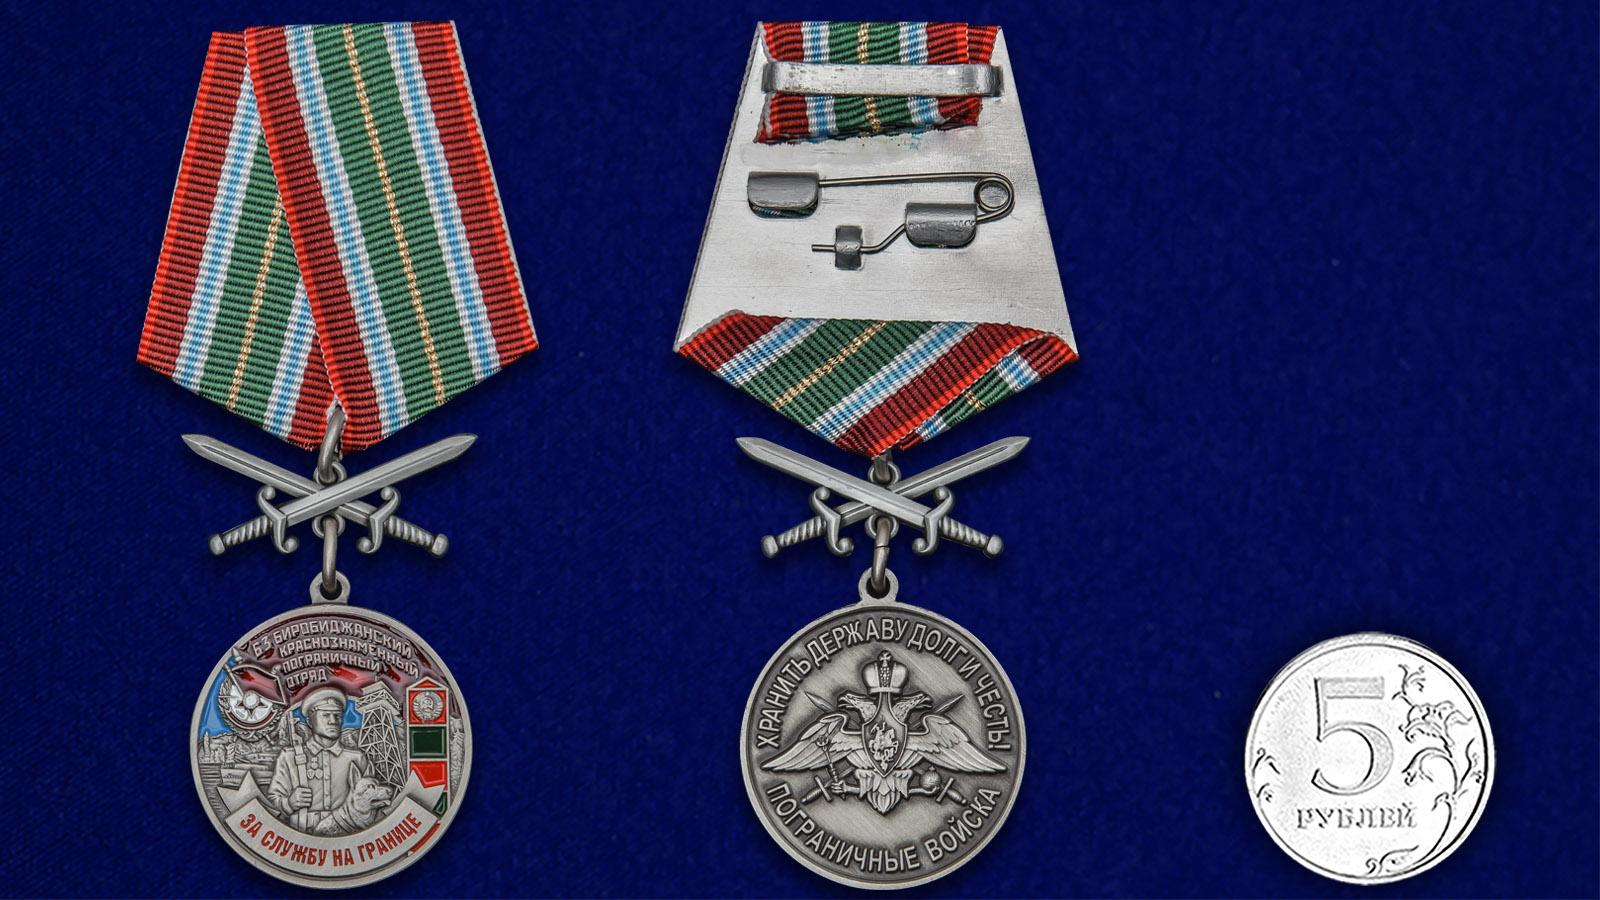 Нагрудная медаль За службу в Биробиджанском пограничном отряде - сравнительный вид